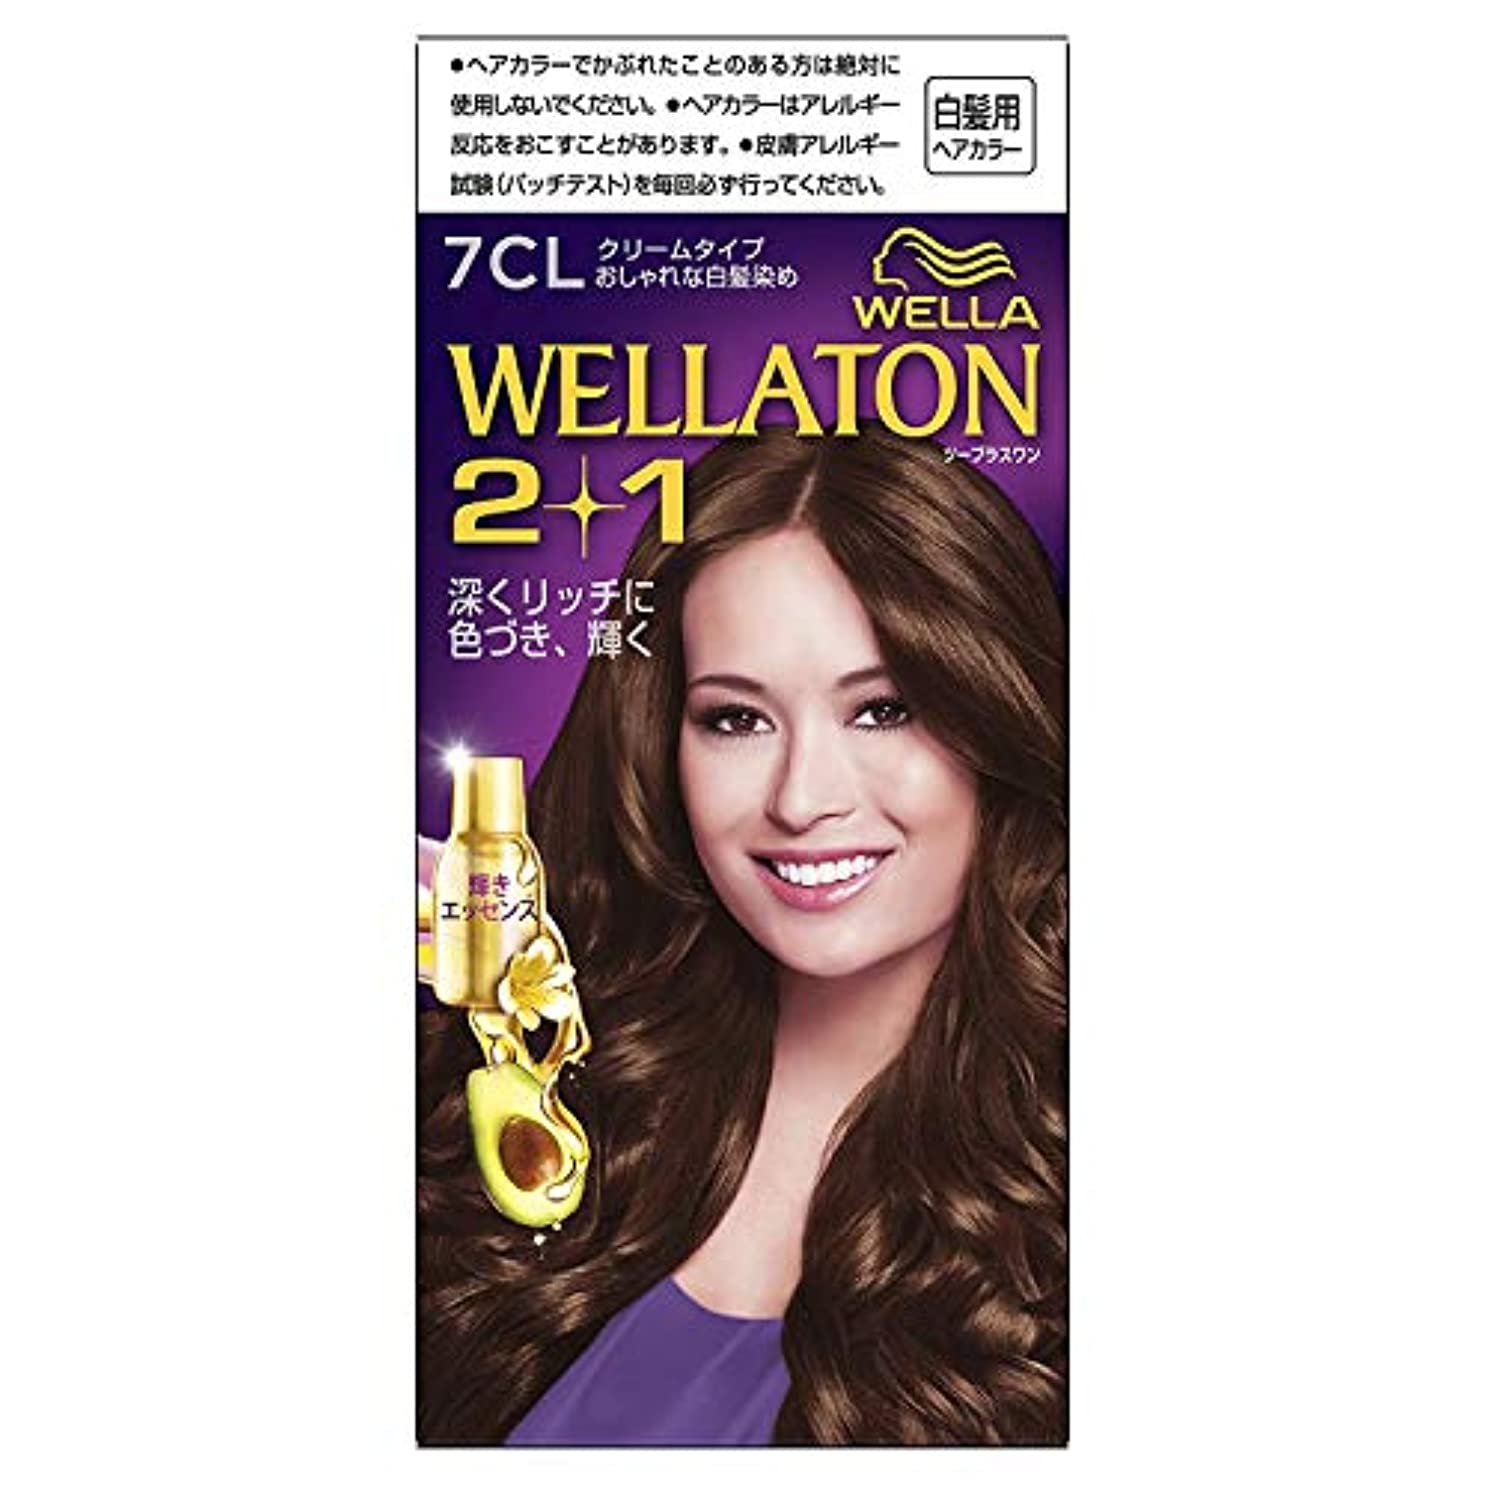 同一のミトンアクションウエラトーン2+1 白髪染め クリームタイプ 7CL [医薬部外品]×3個